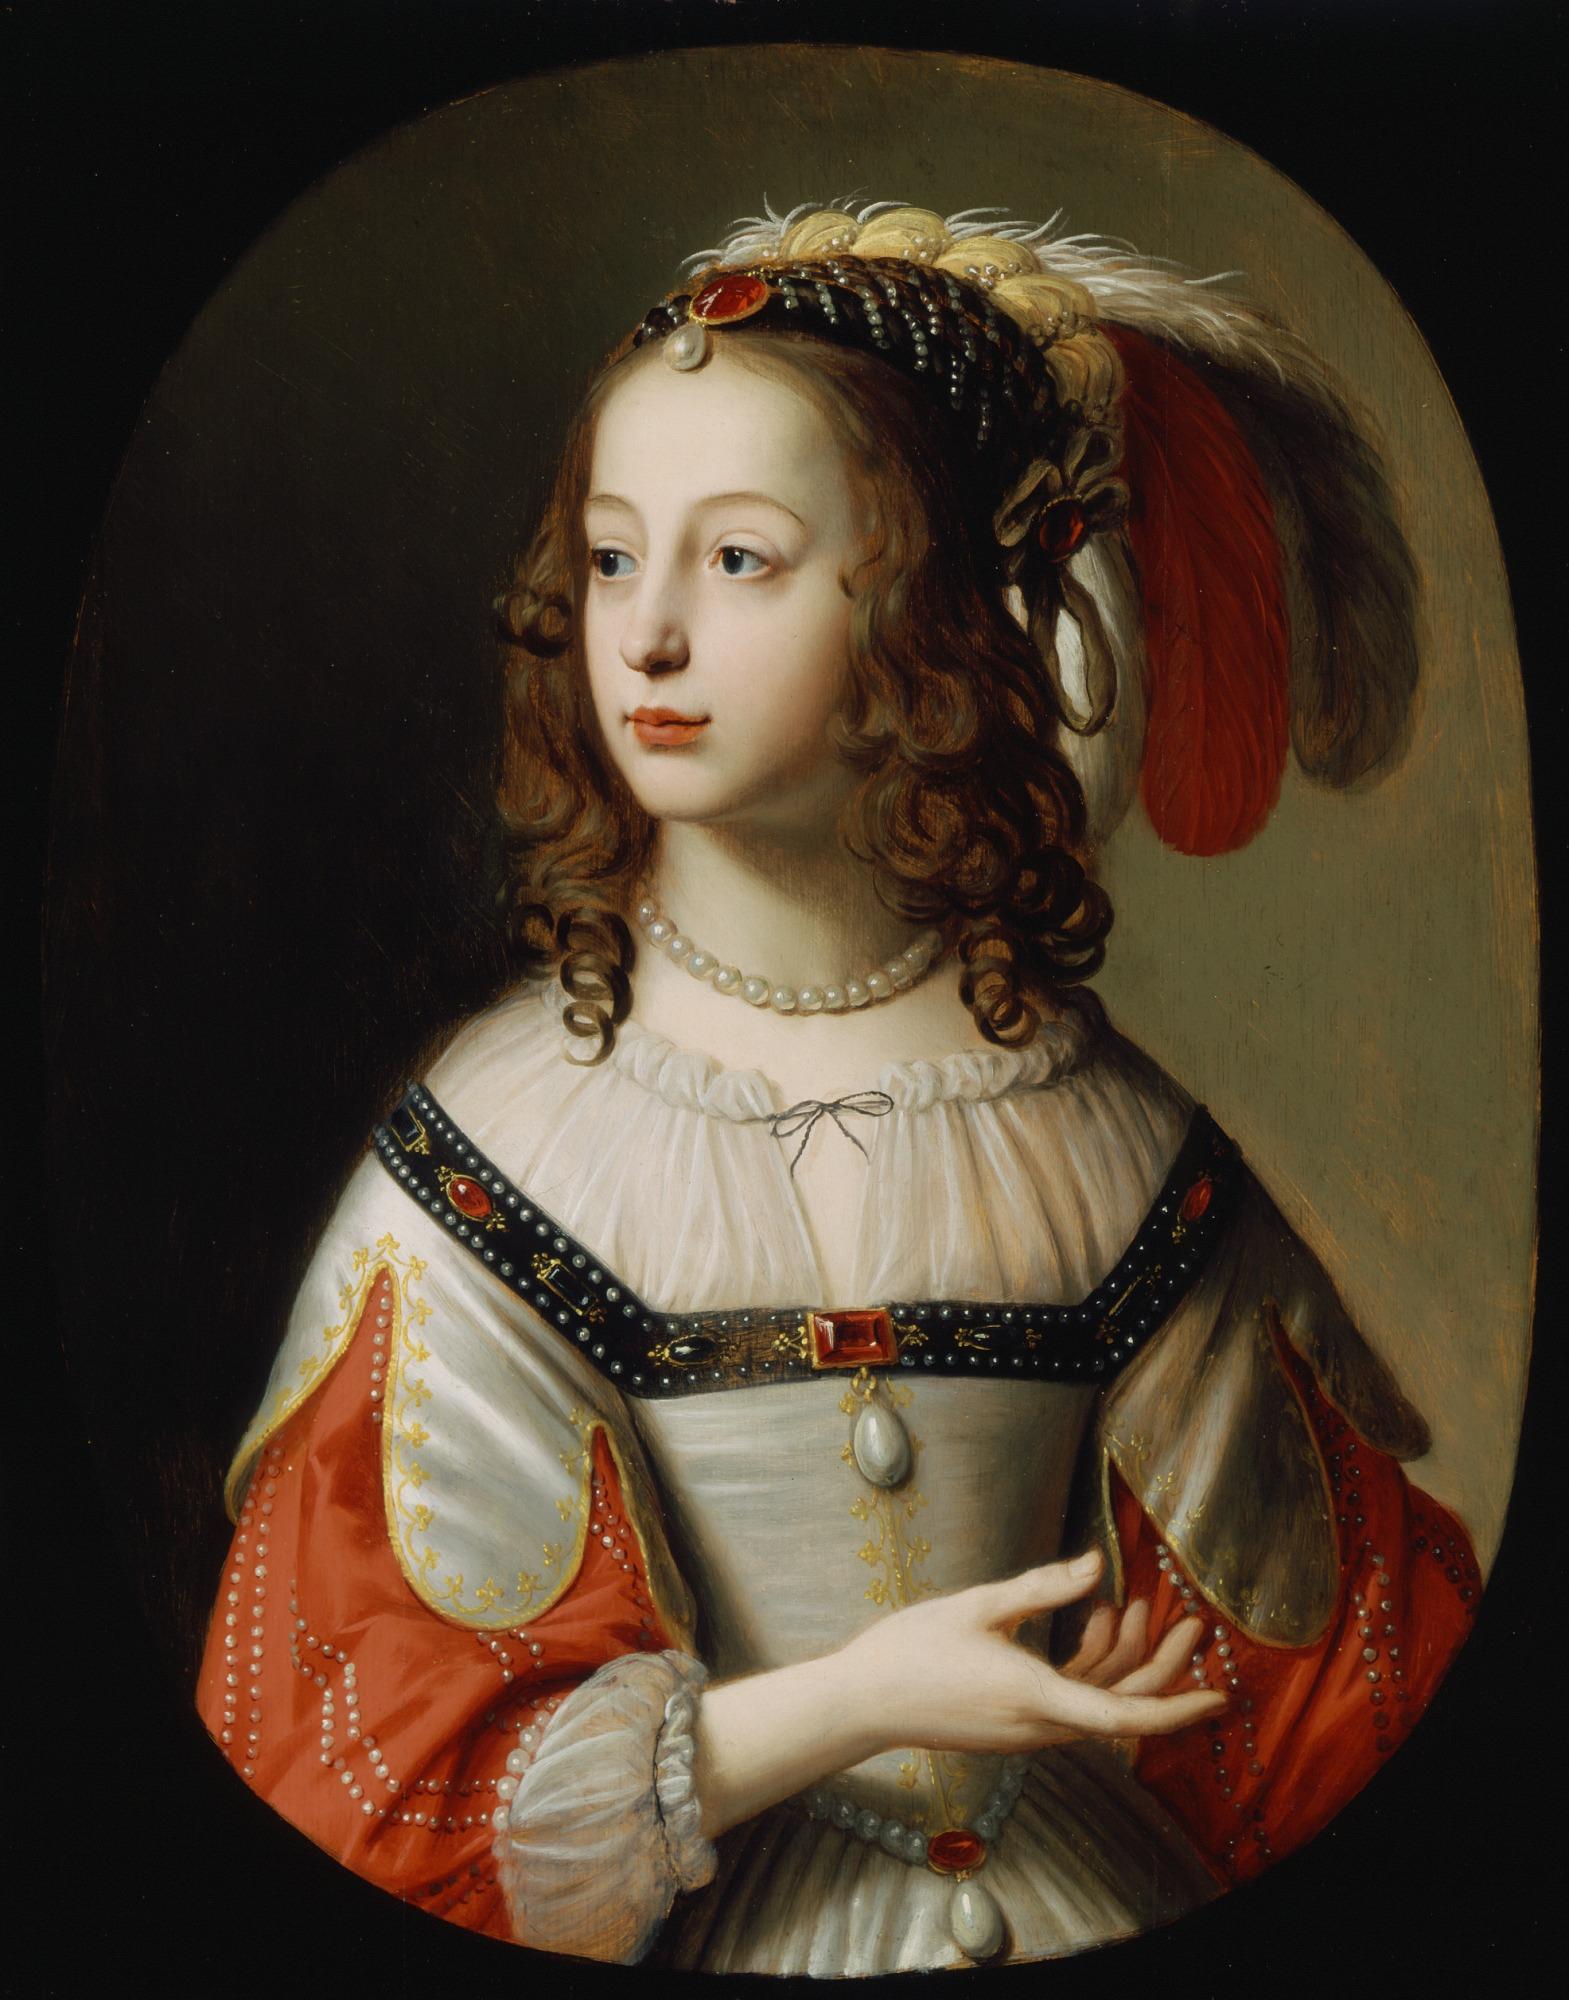 https://upload.wikimedia.org/wikipedia/commons/9/9b/Sophia_of_Hanover.jpg